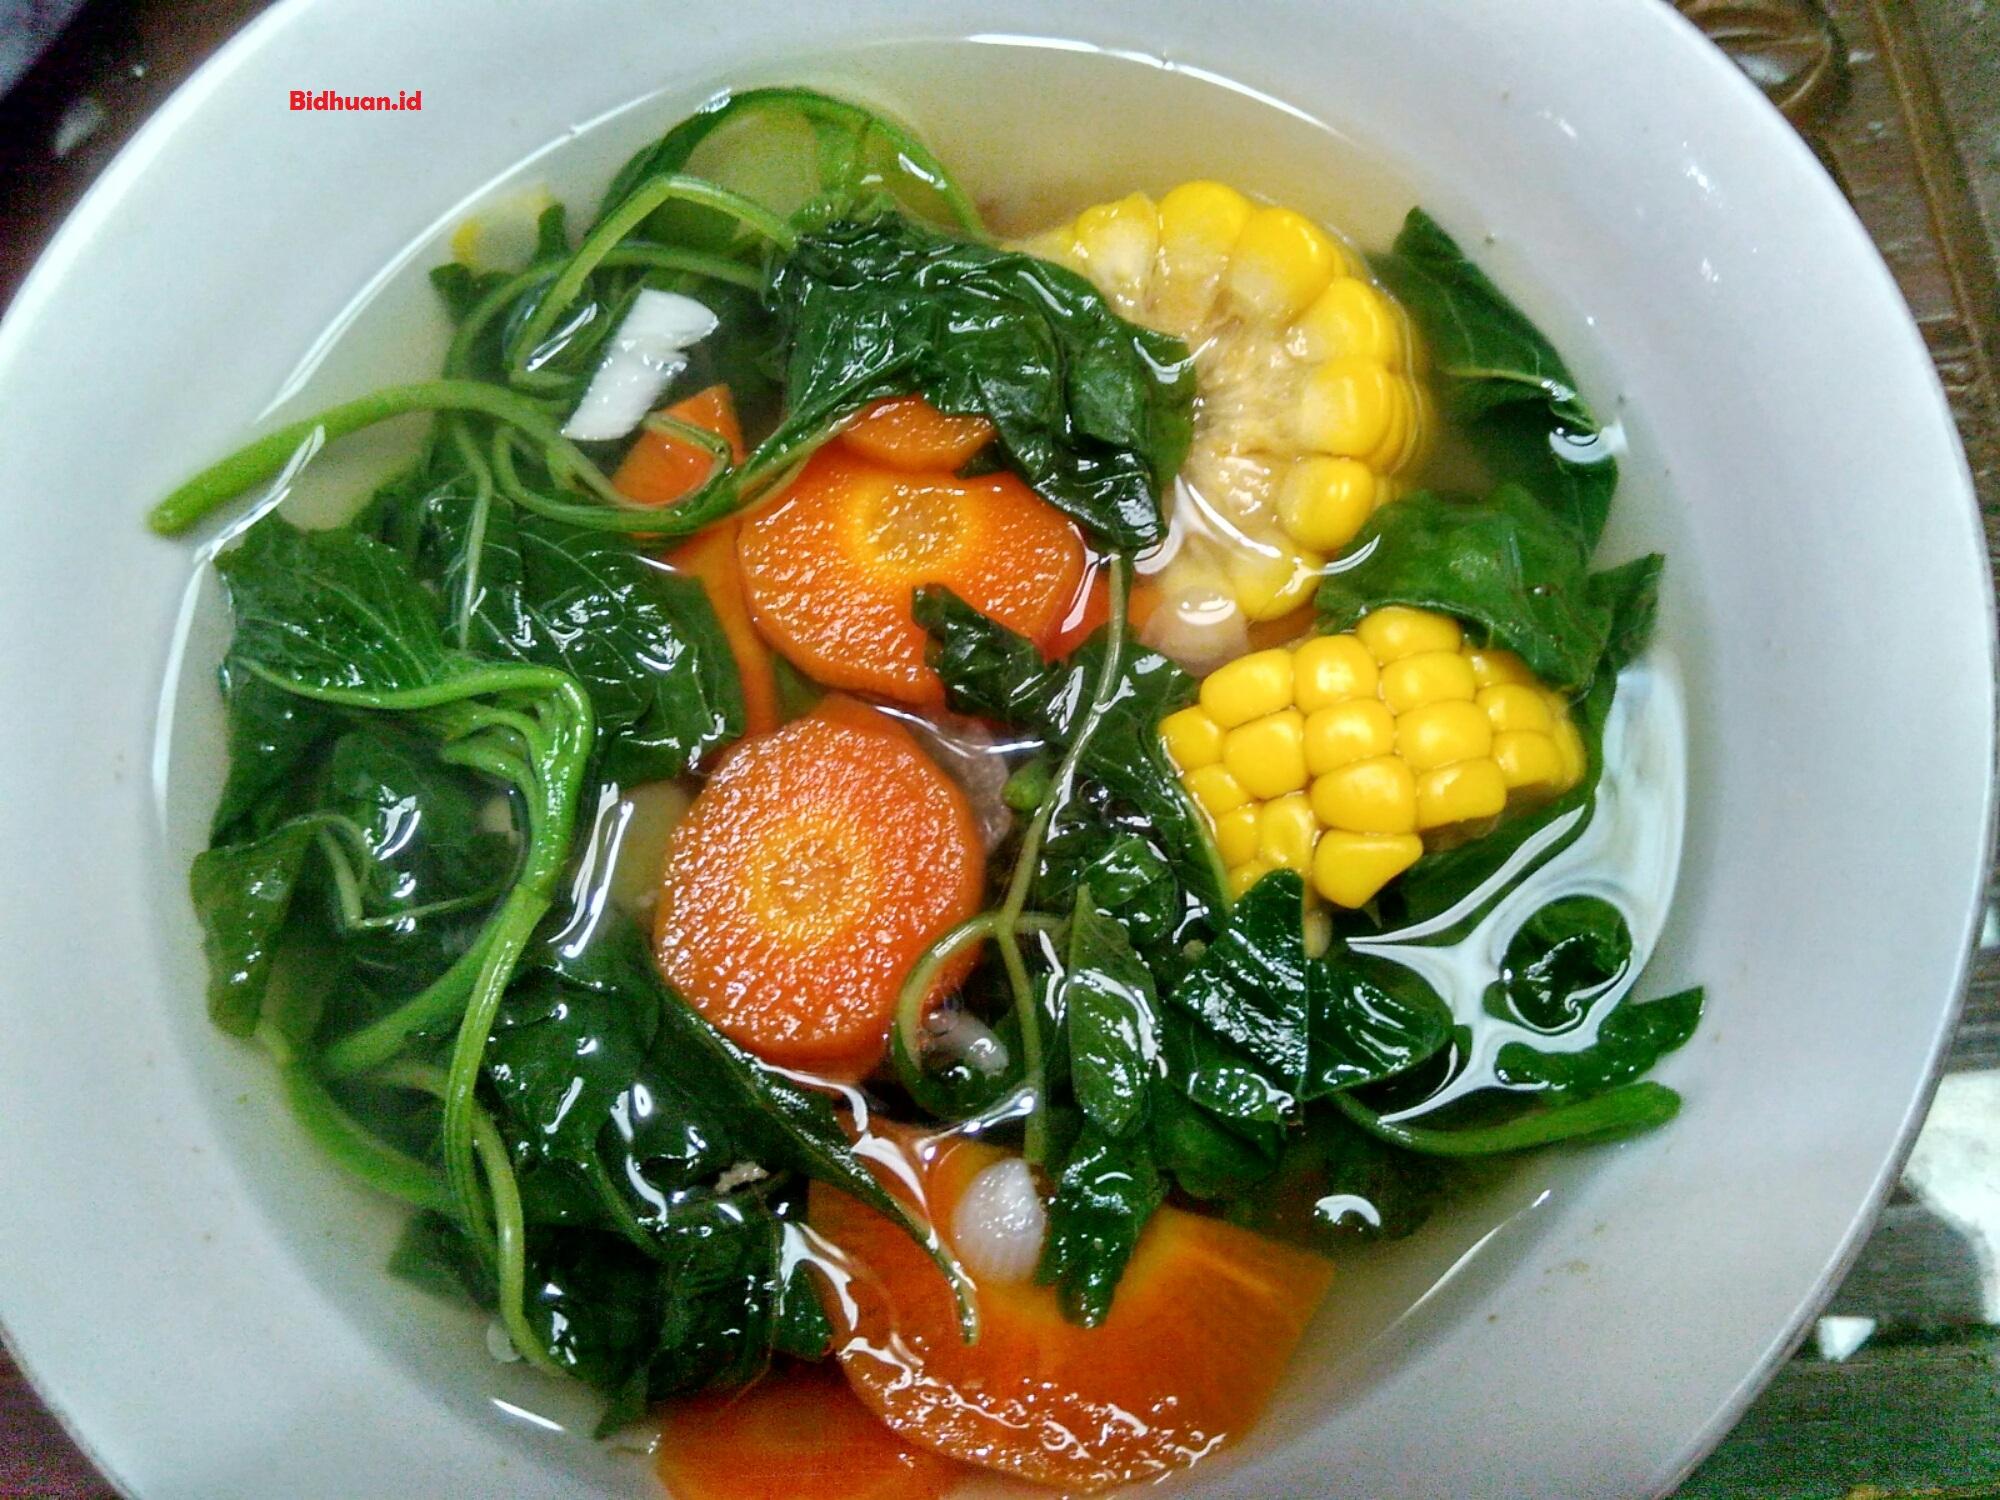 Makanan yang dihindari penderita asam urat Sayur Bayam